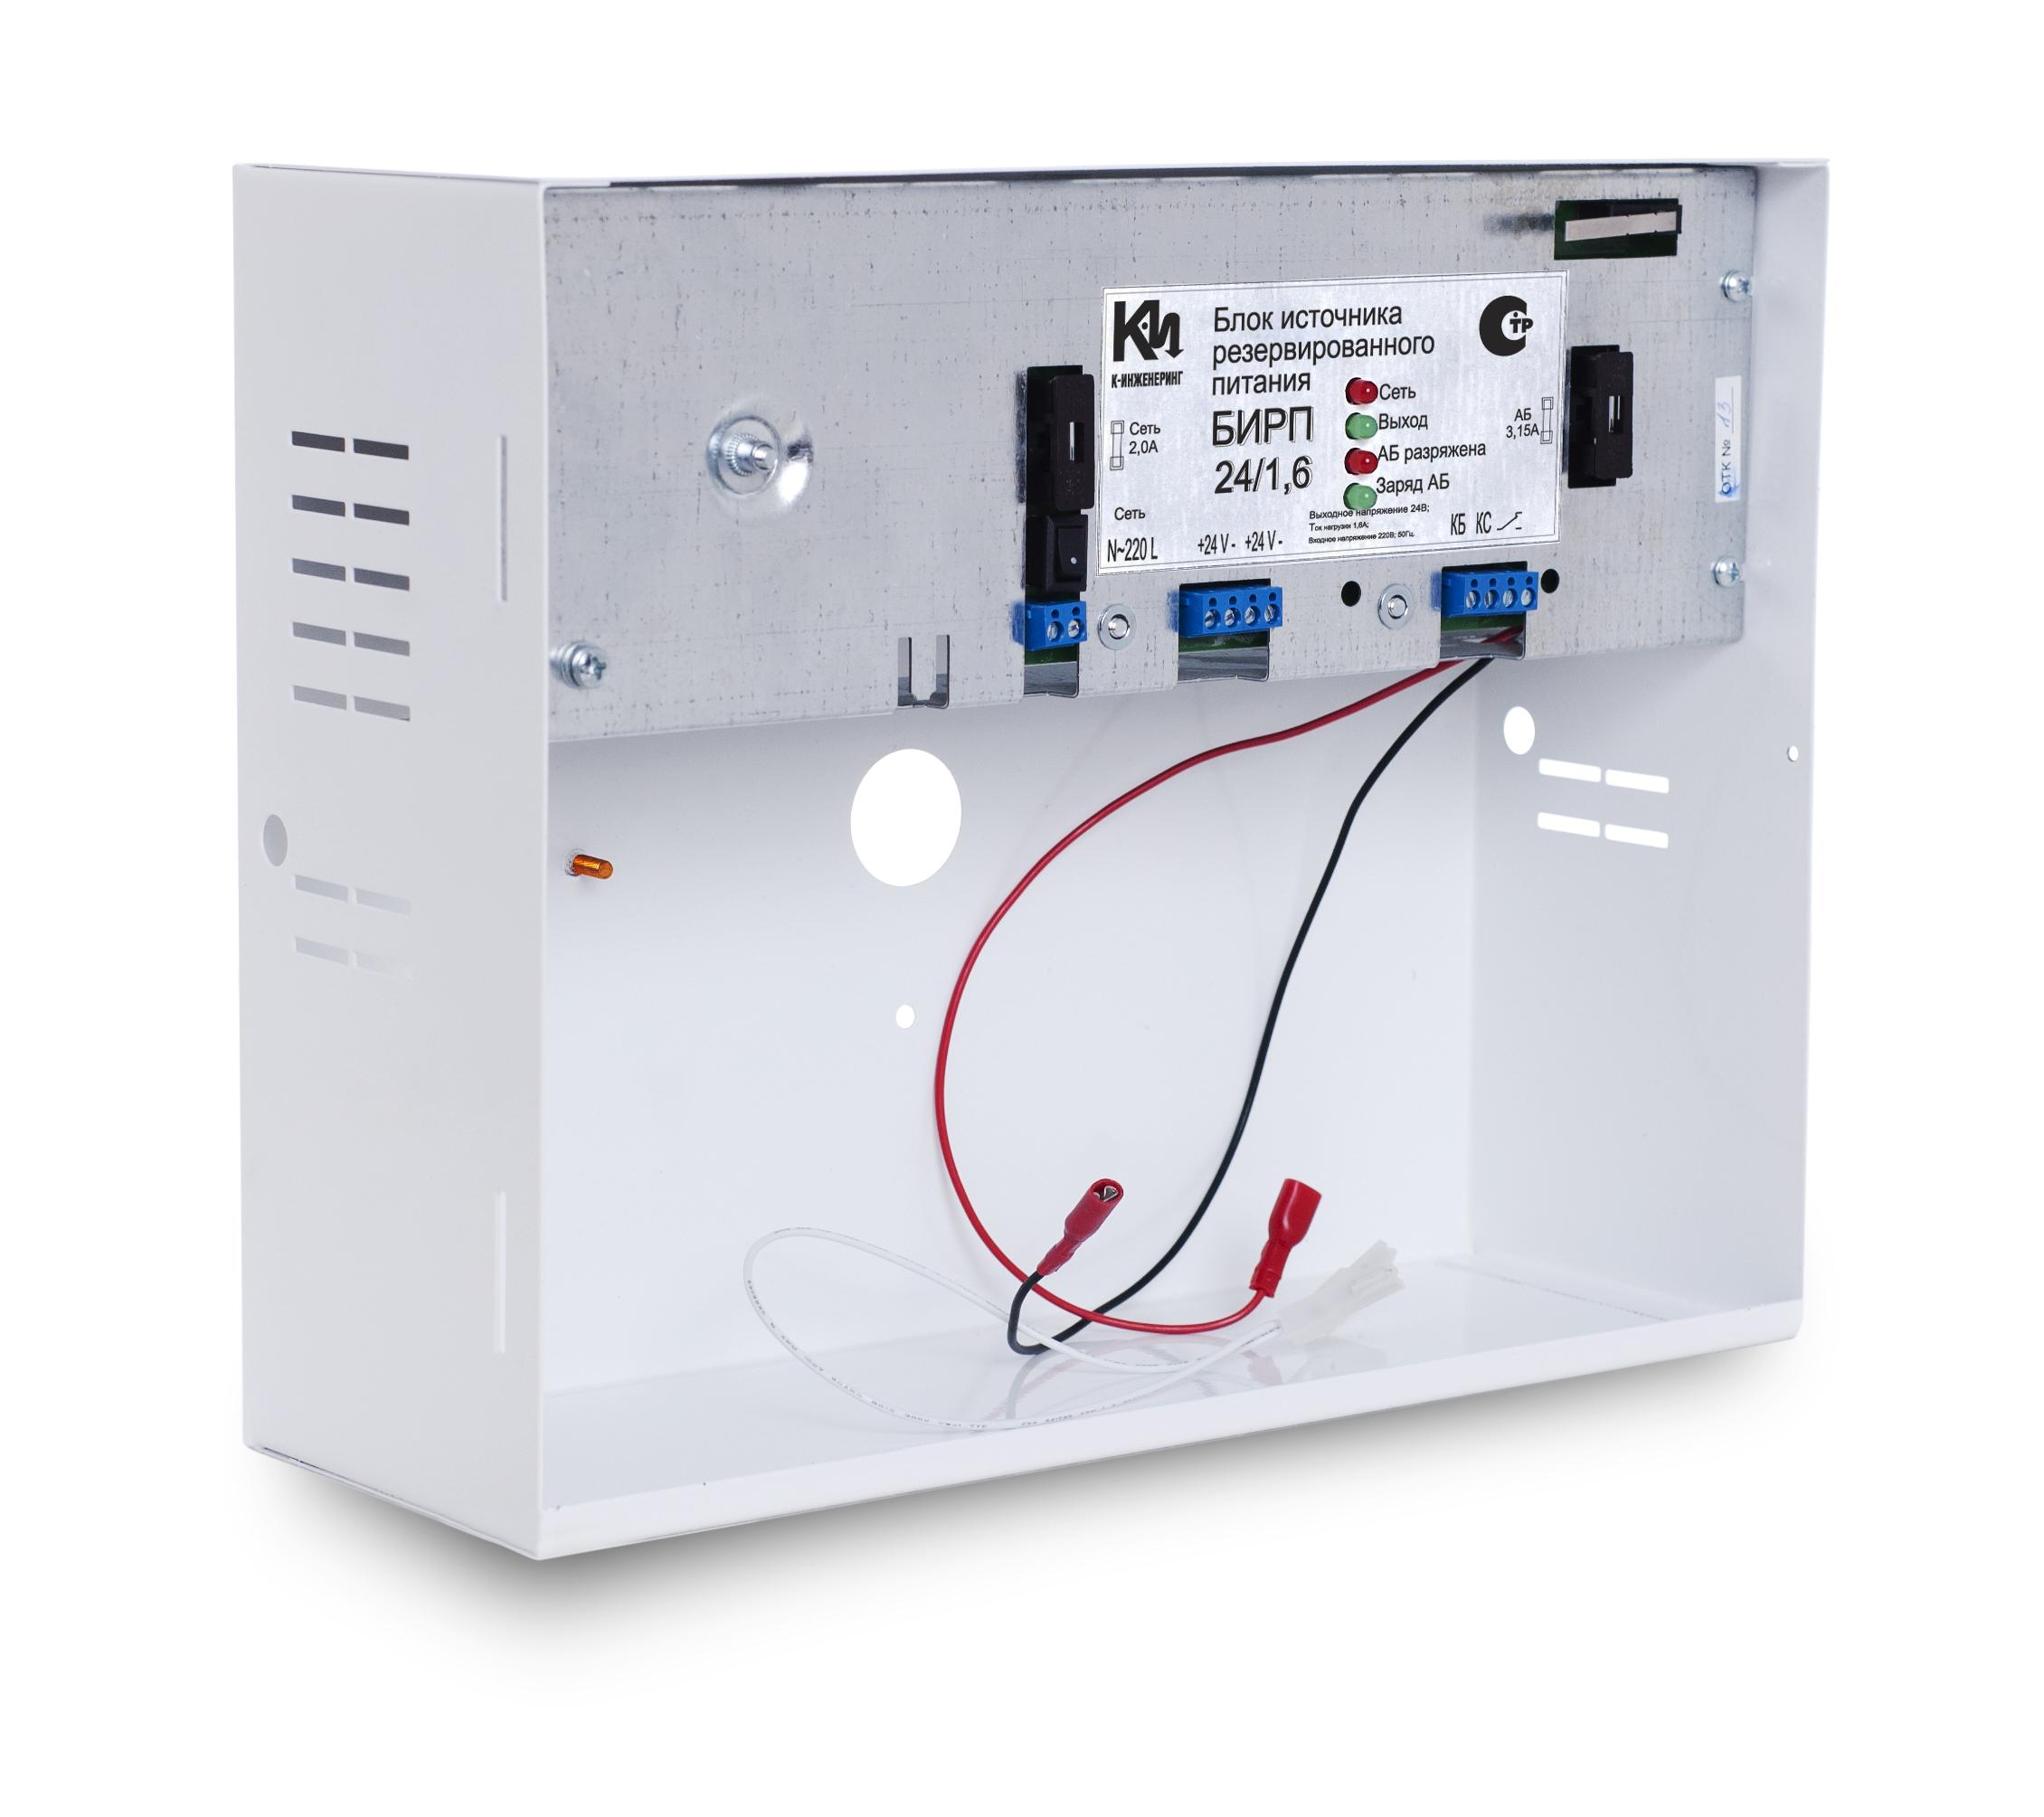 построен на линейном стабилизаторе, обеспечивающем ток нагрузки до 1,6А